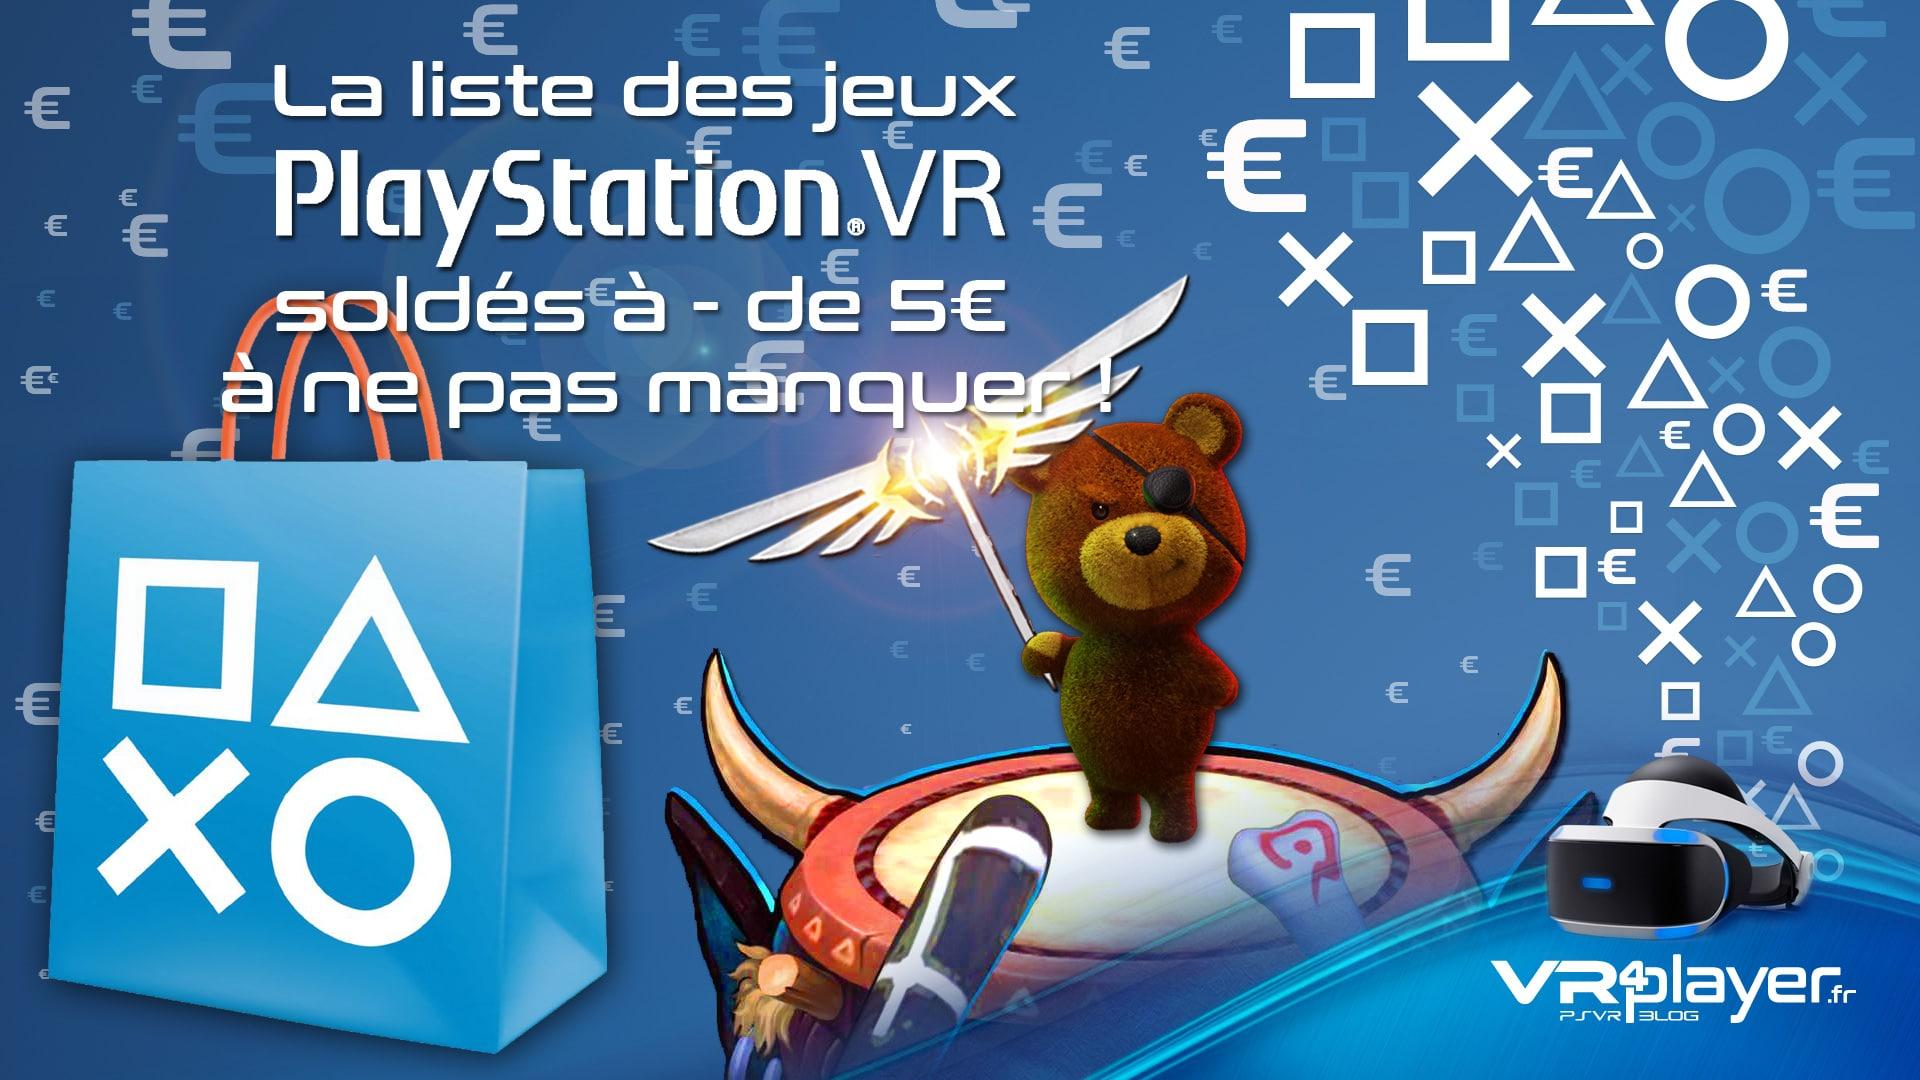 Promos PSVR à moins de 5 euros vr4player.fr